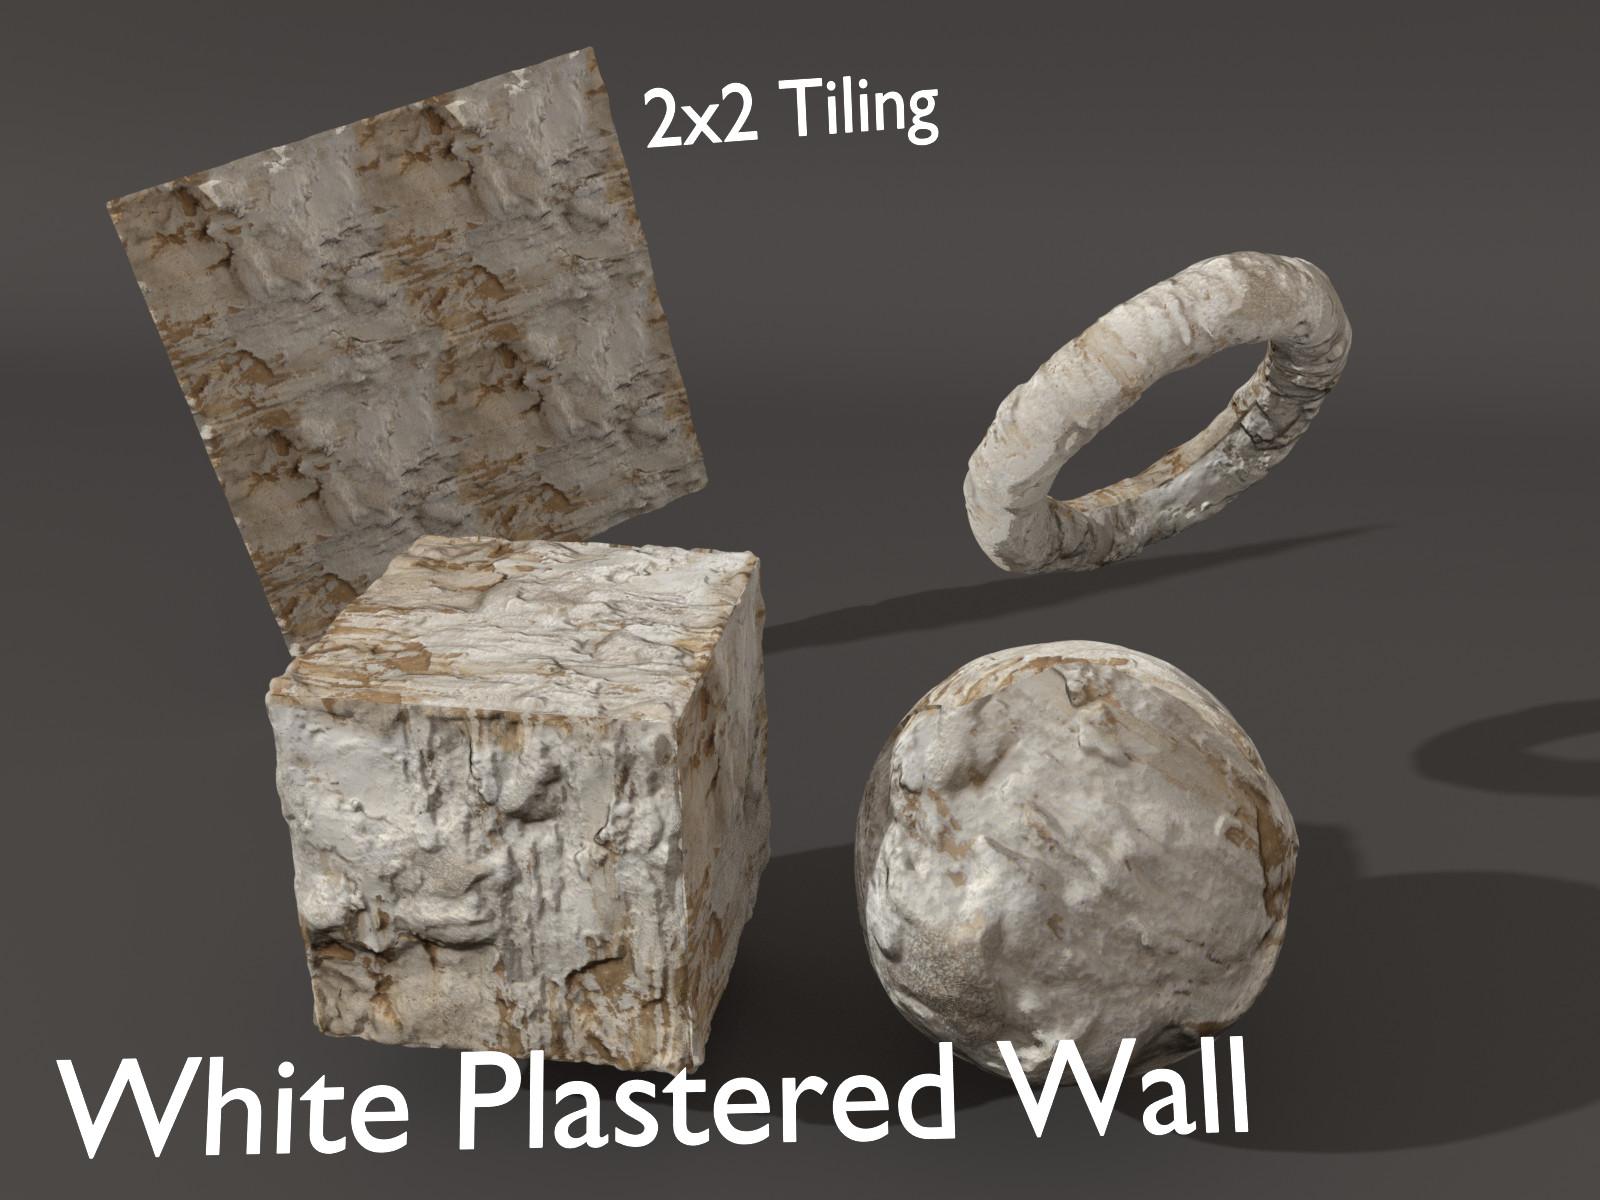 Sieben corgie whiteplasteredwall p